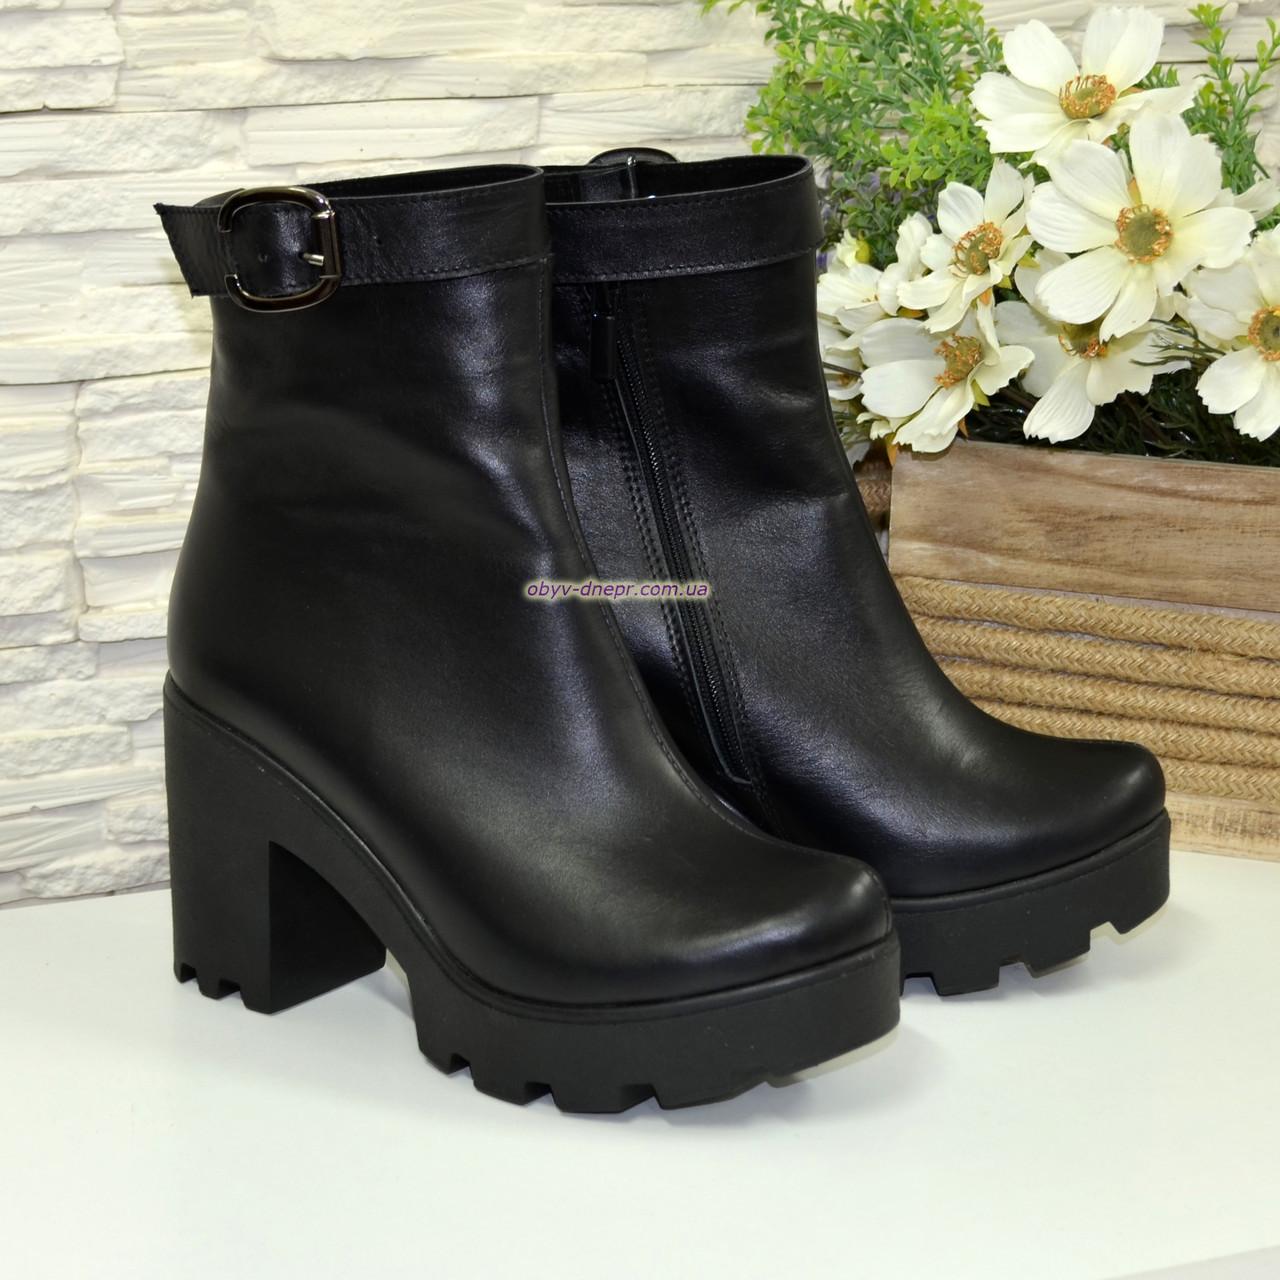 Ботинки  женские кожаные демисезонные на высоком каблуке, декорированы ремешком